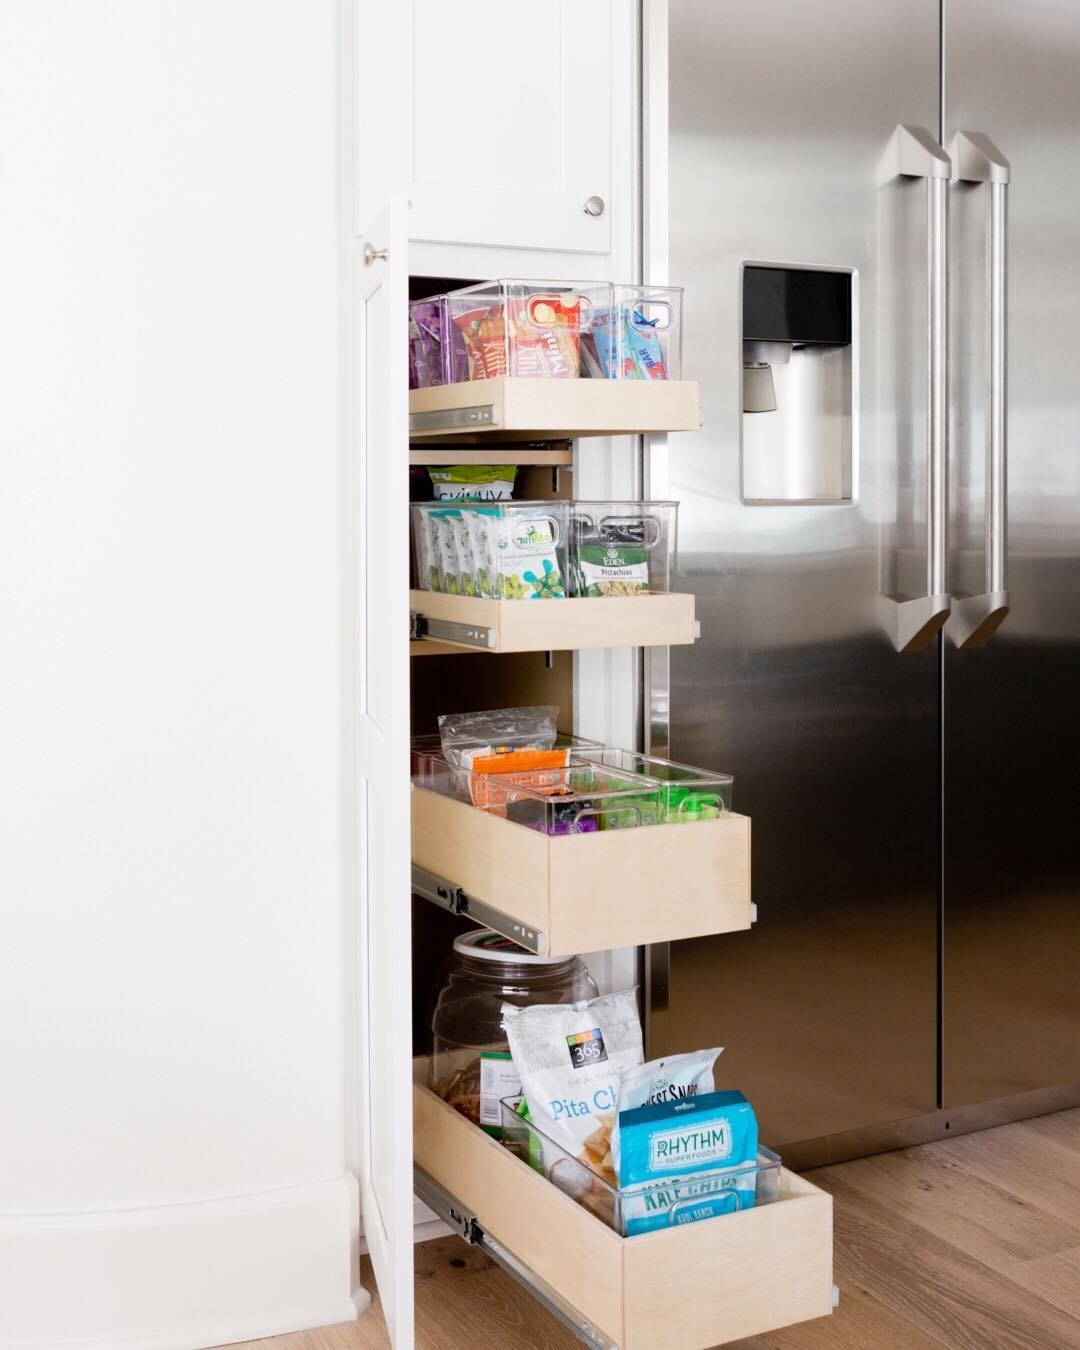 организация хранения на кухне фото 3